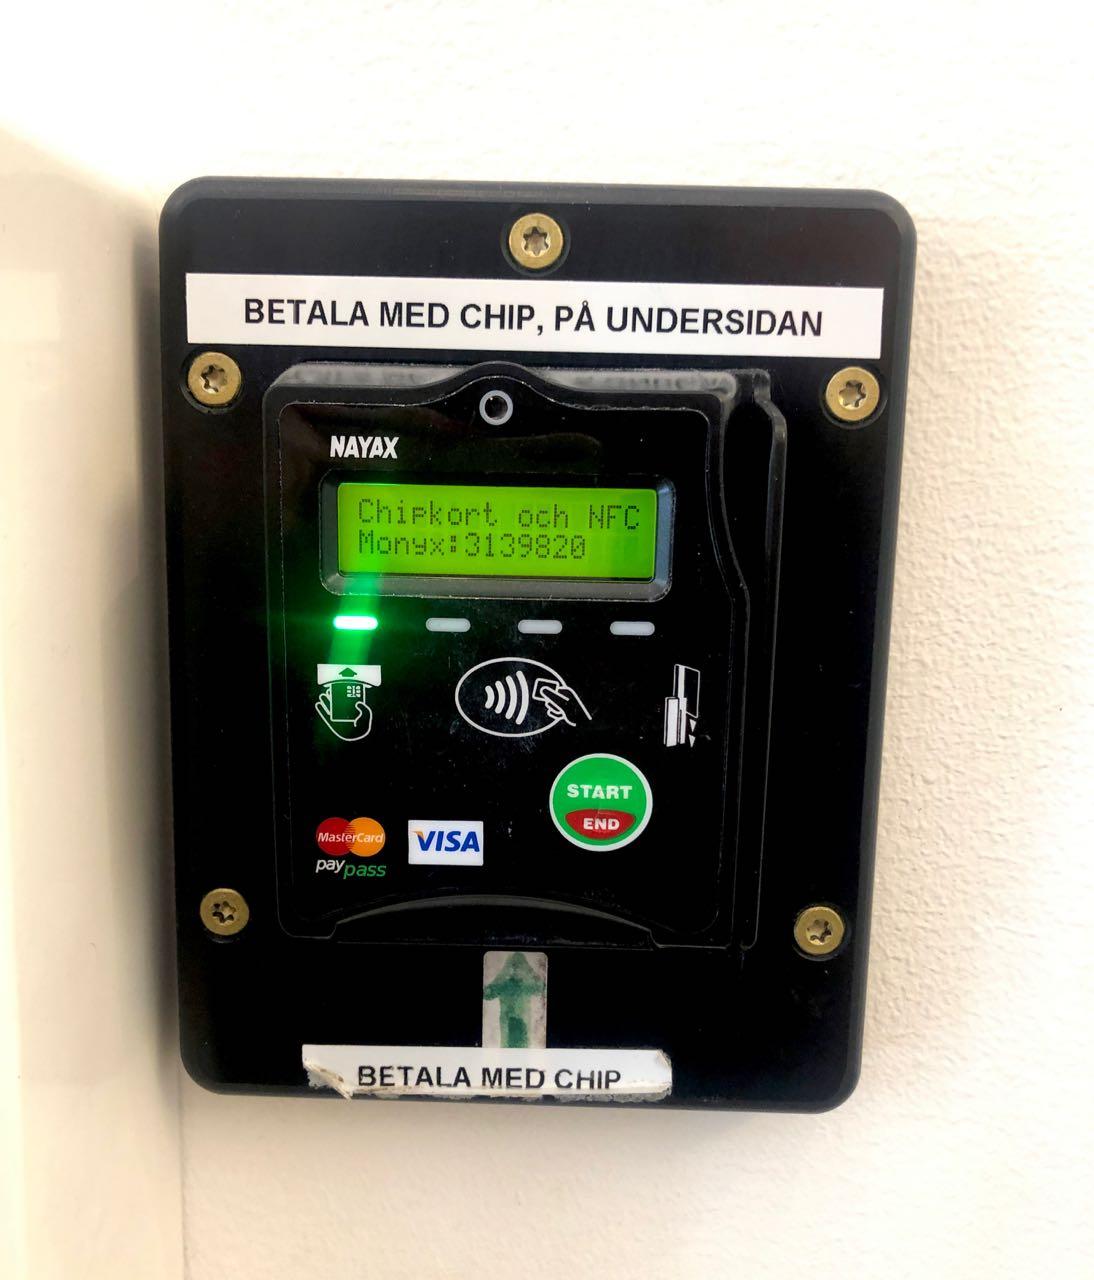 Ostolakossa tarvitseeko Ruotsiin käteistä